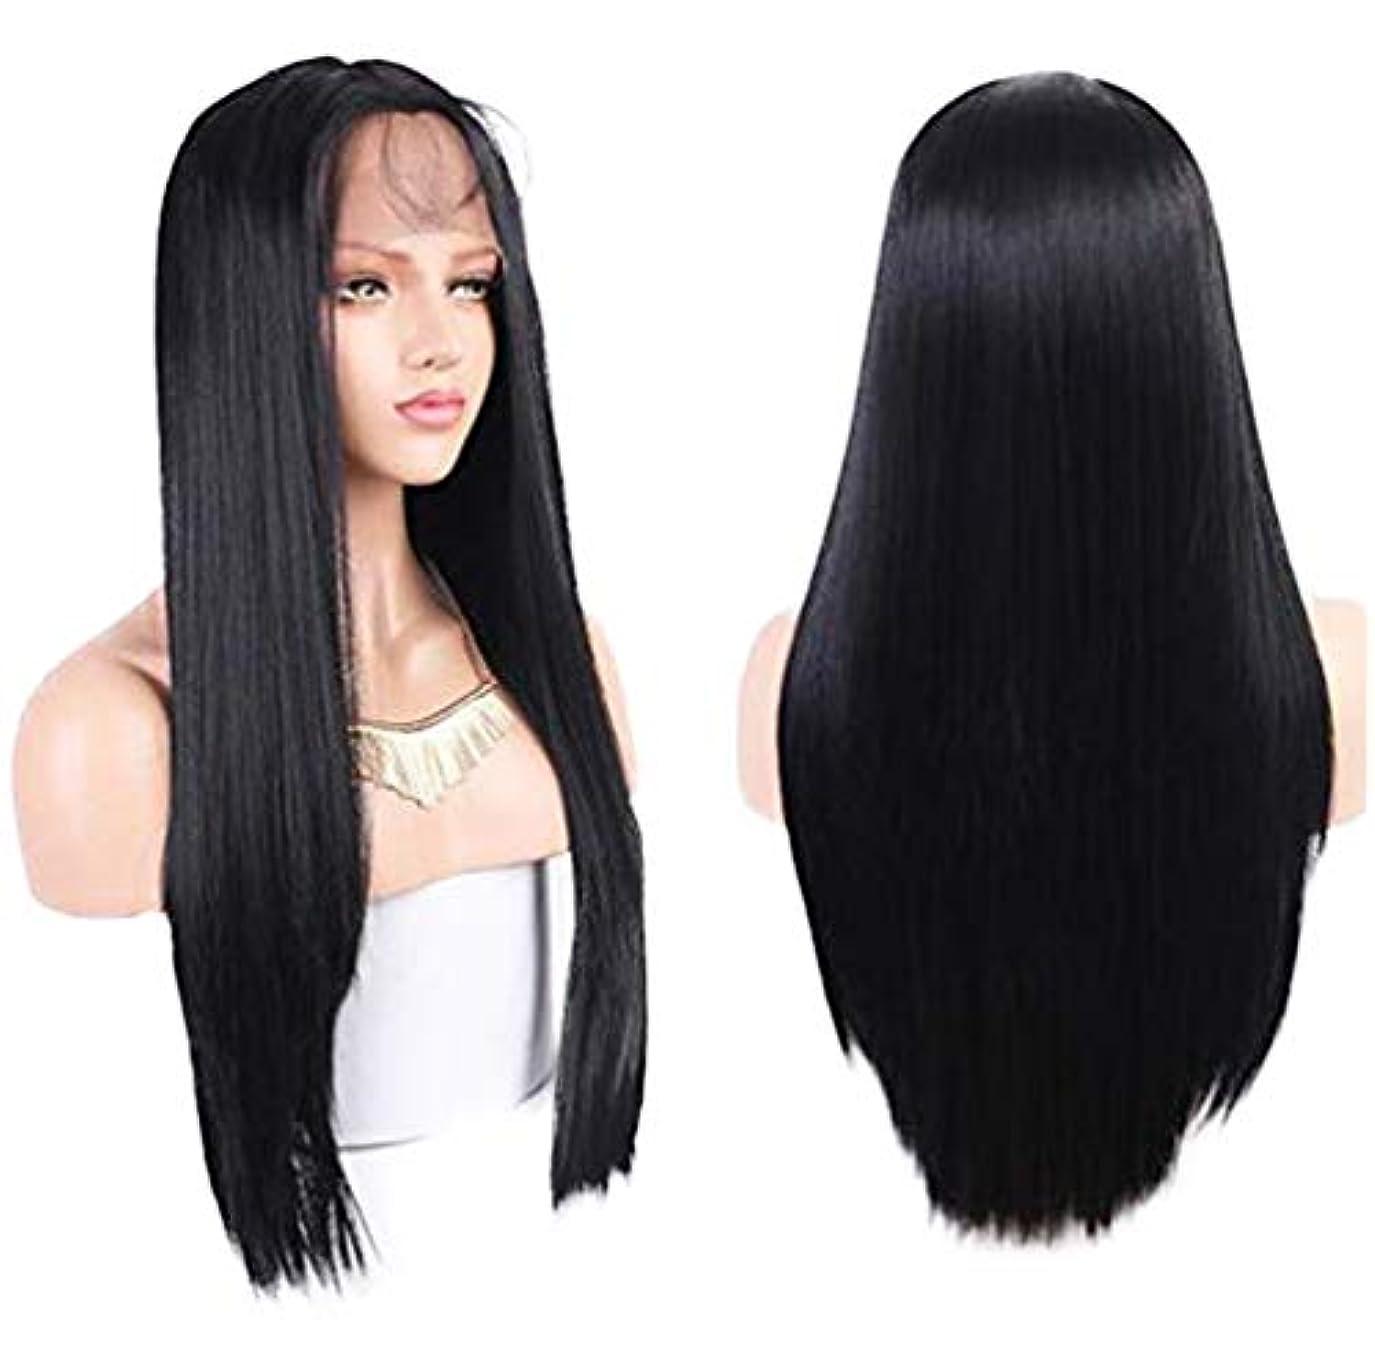 資産ぬるい大使女性レースフロントかつら未処理バージン毛ブラジルレミー人毛ストレート髪レースかつらベビー毛で150%密度